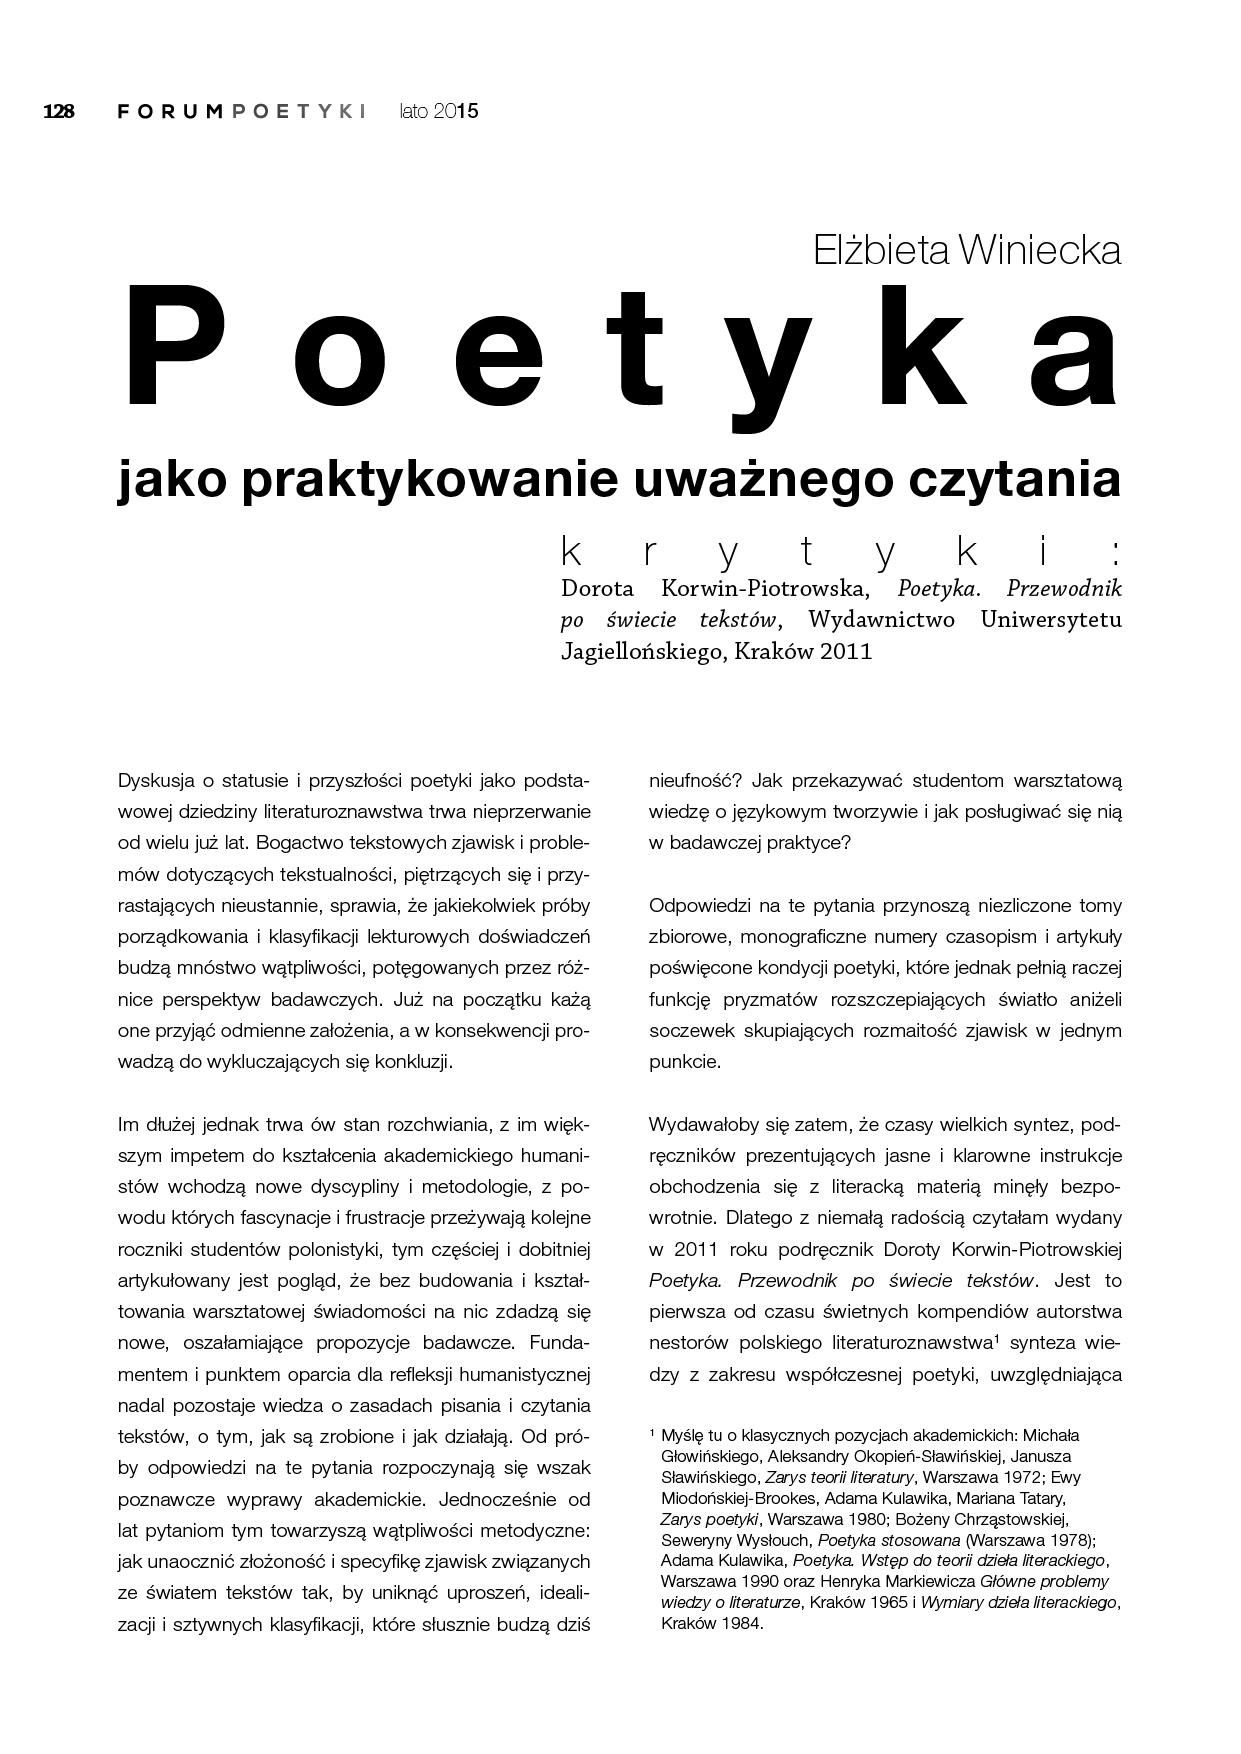 Poetyka jako praktykowanie uważnego czytania